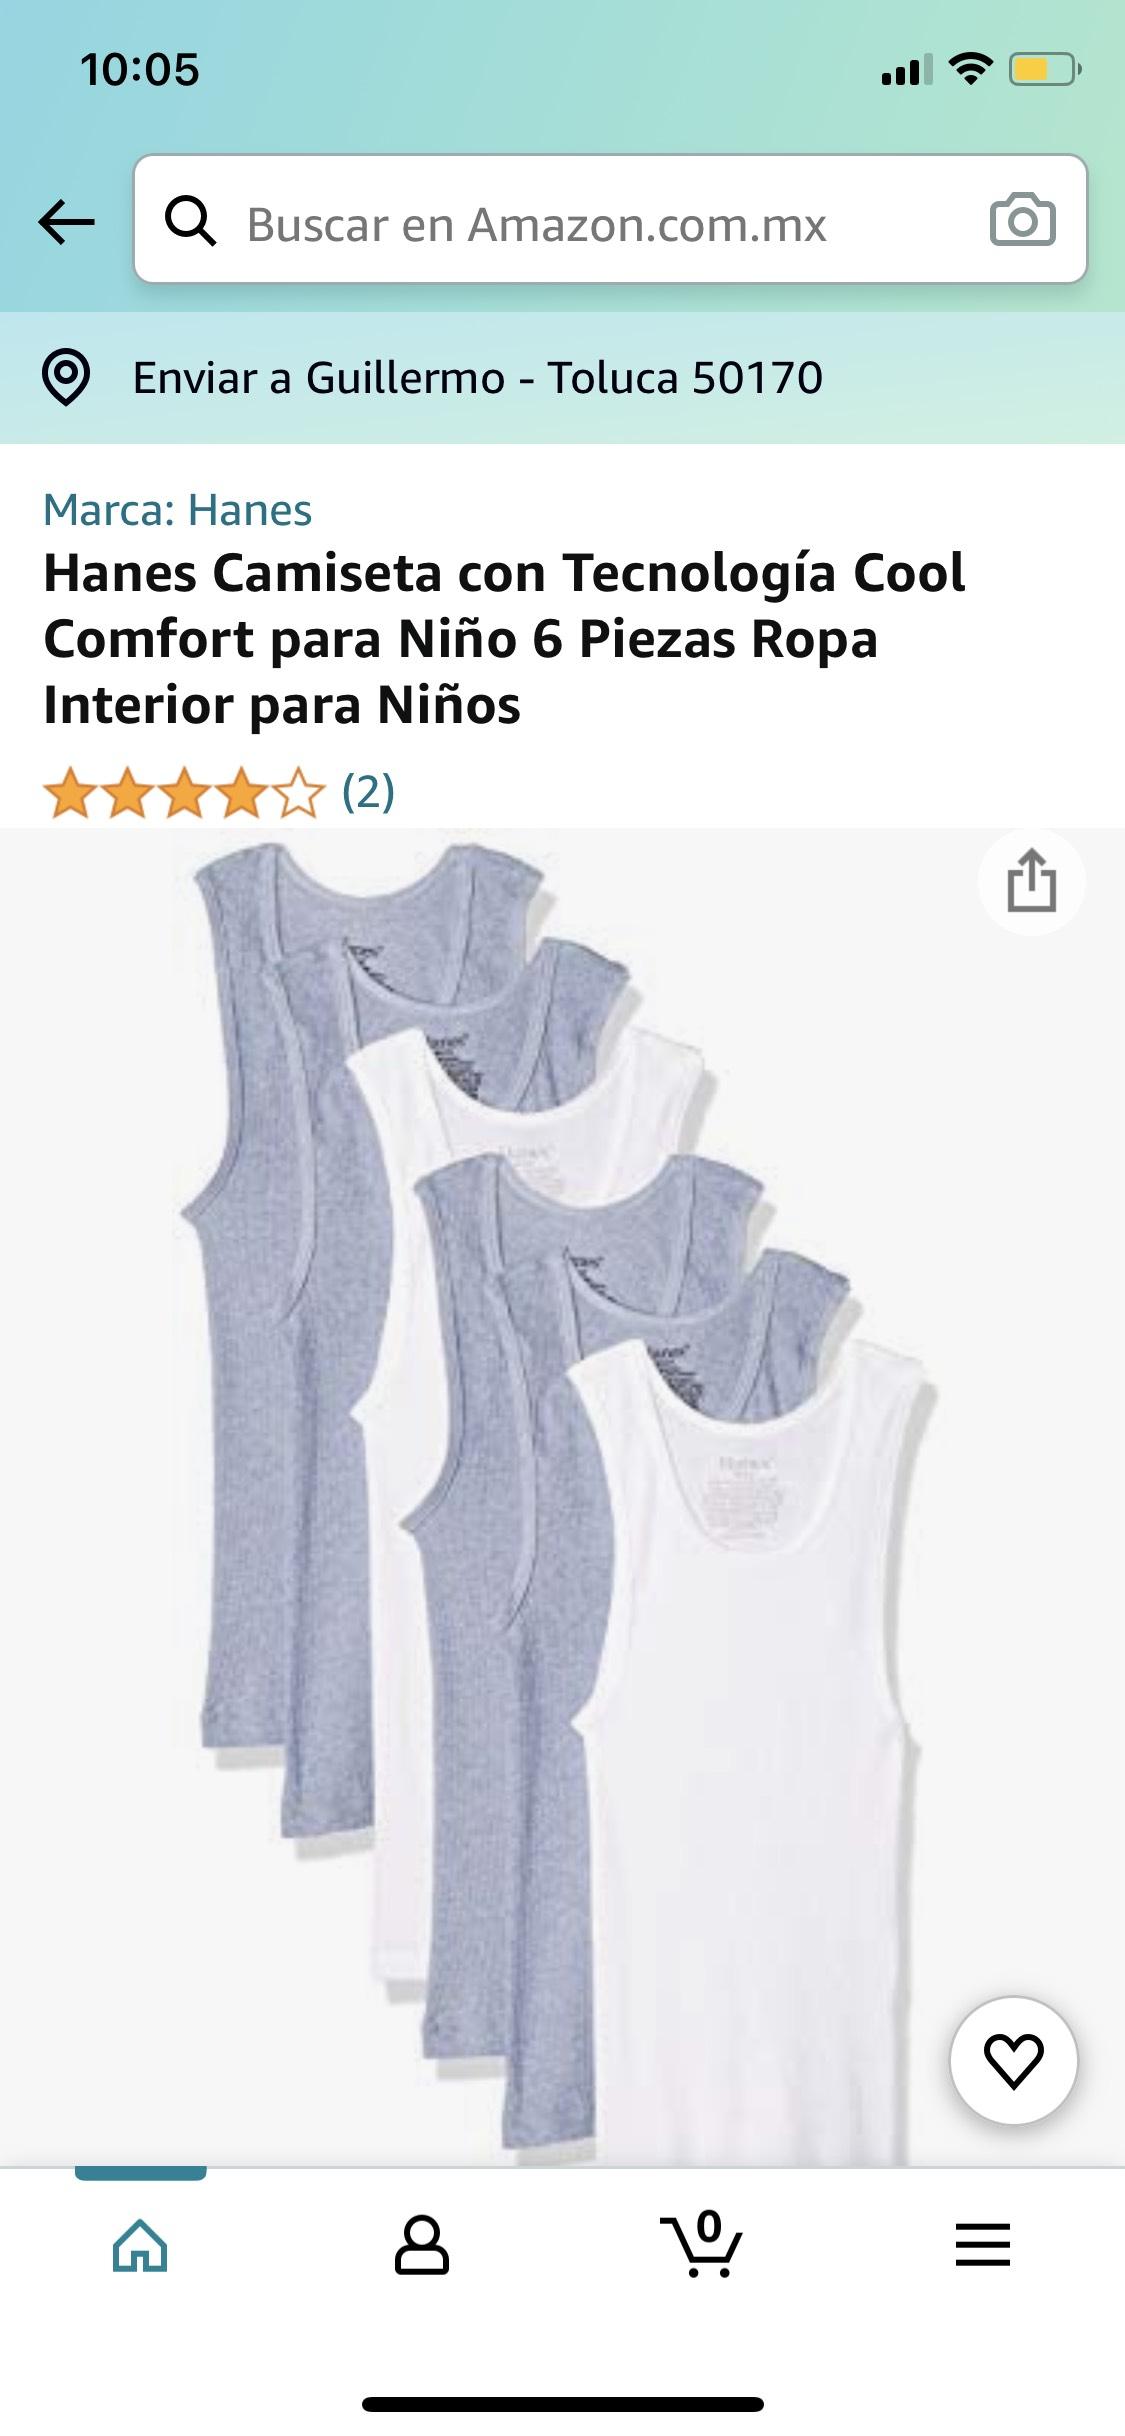 Amazon: Hanes Camiseta con Tecnología Cool Comfort para Niño 6 Piezas Ropa Interior para Niños